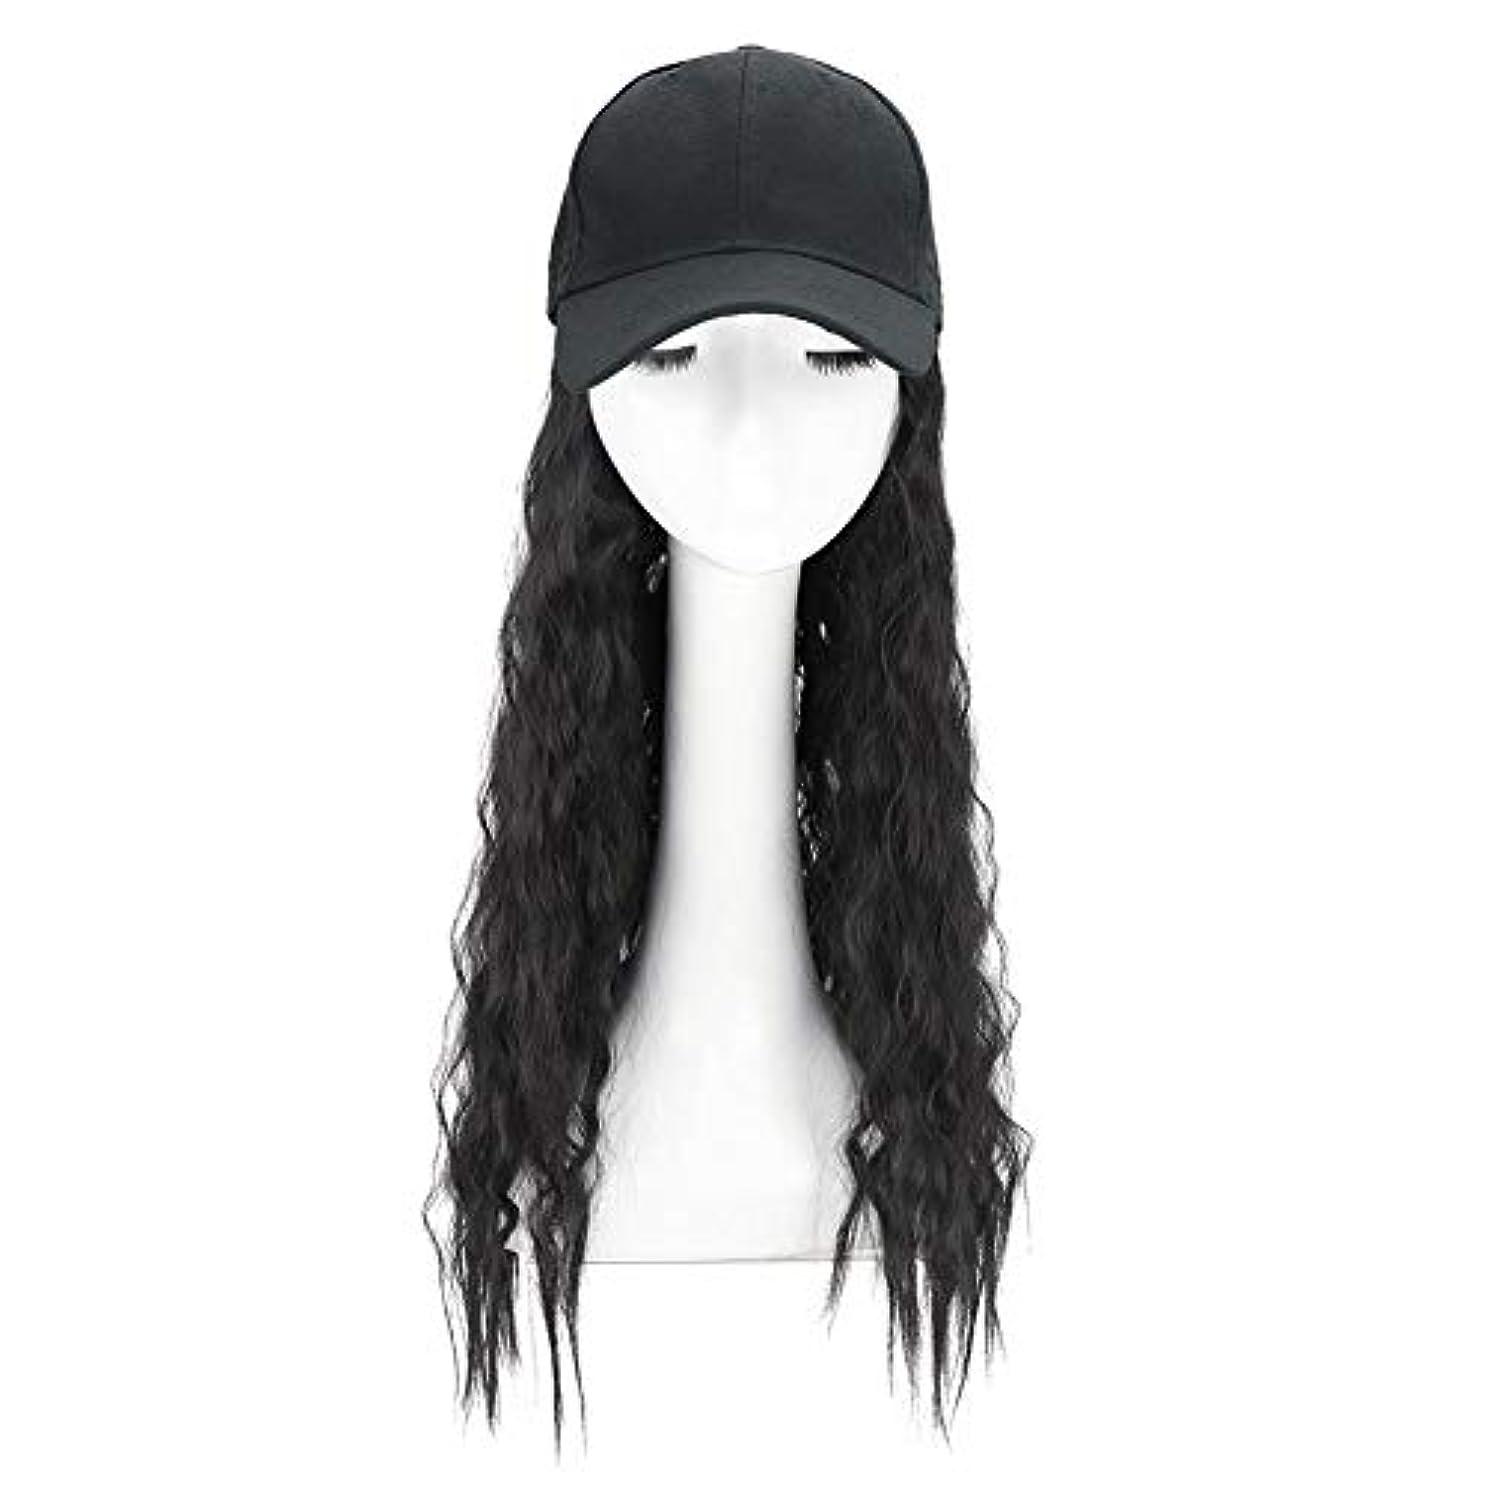 マガジン鮮やかな新鮮なBrill(ブリーオ)帽子ロングカーリーウェーブ女性ファッション野球帽ブラックウィッグ